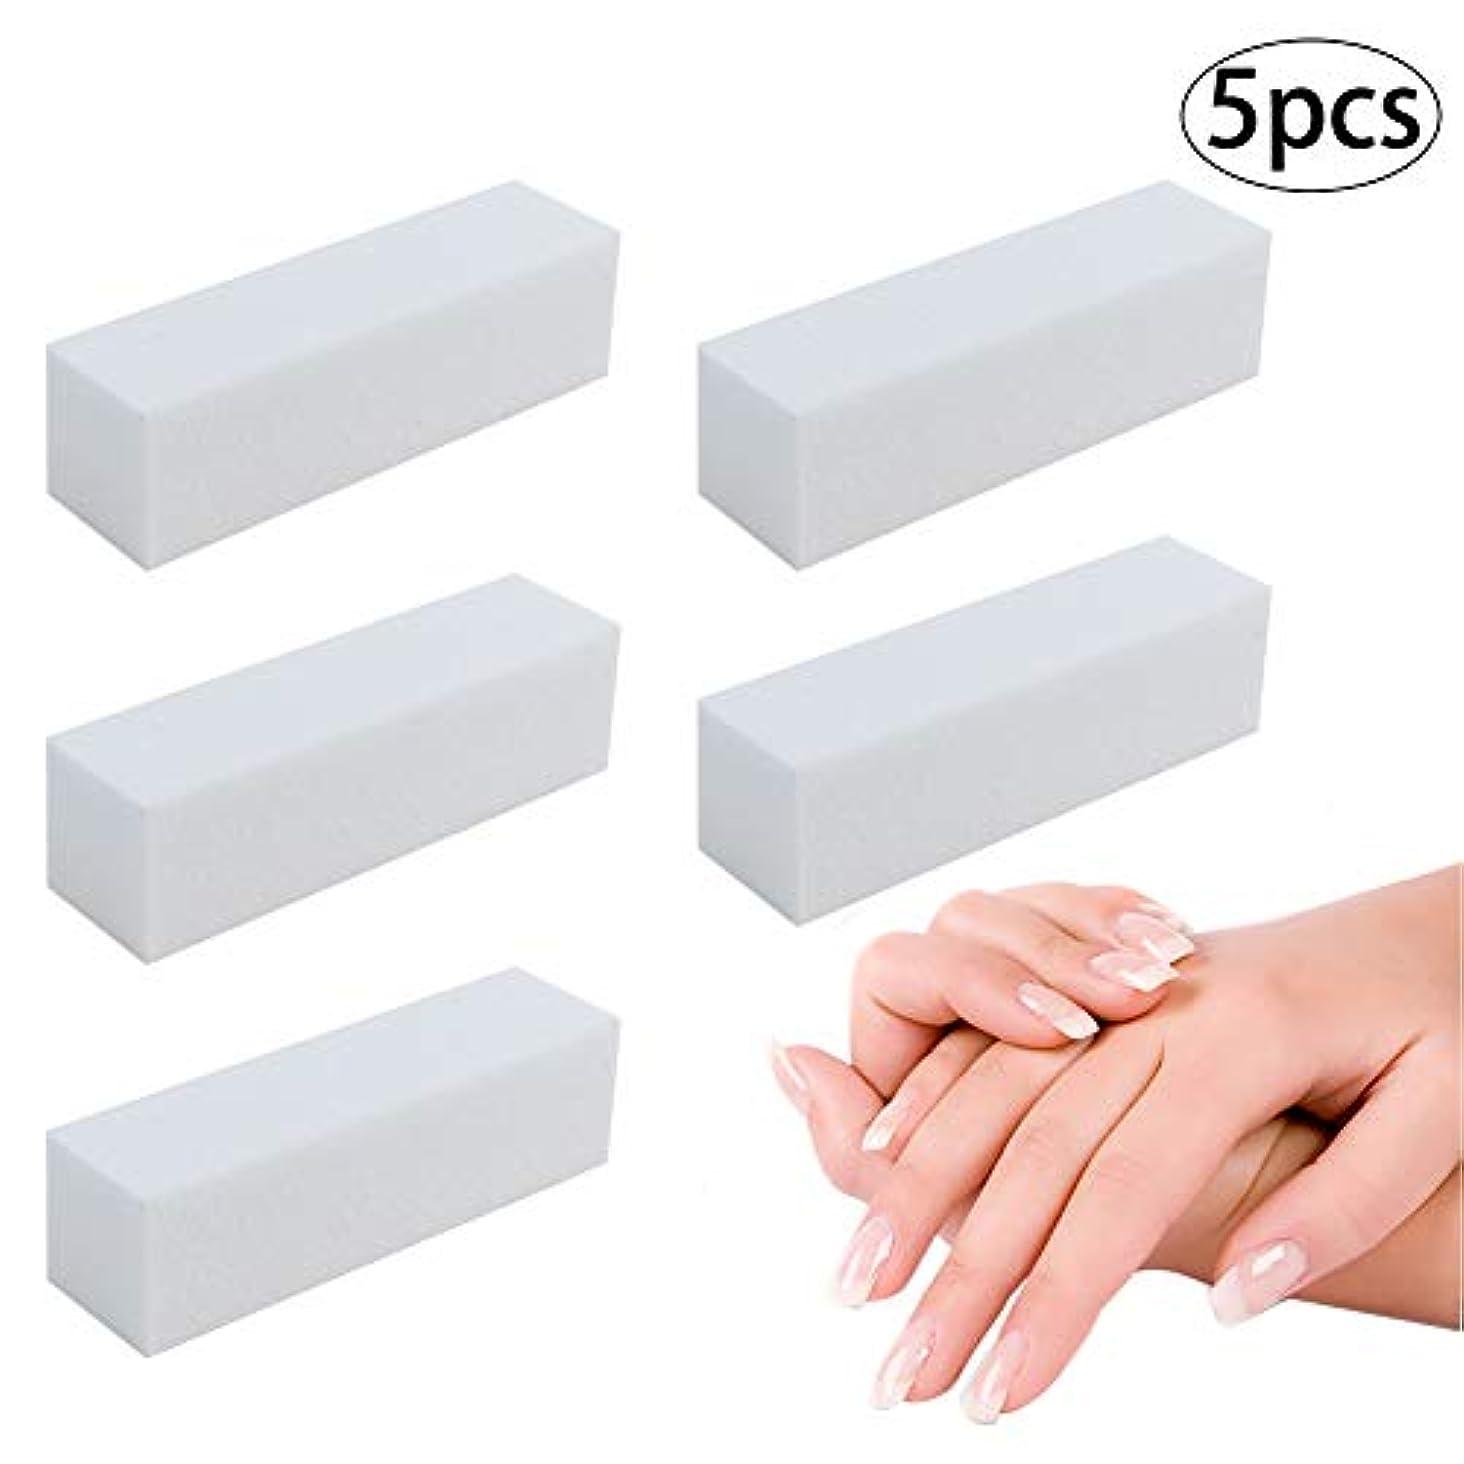 未使用原点予防接種5 PCSネイルバッファブロック4ウェイファイルポリッシュネイルは、研磨プロのネイルファイルネイルツールネイルチップ(白)